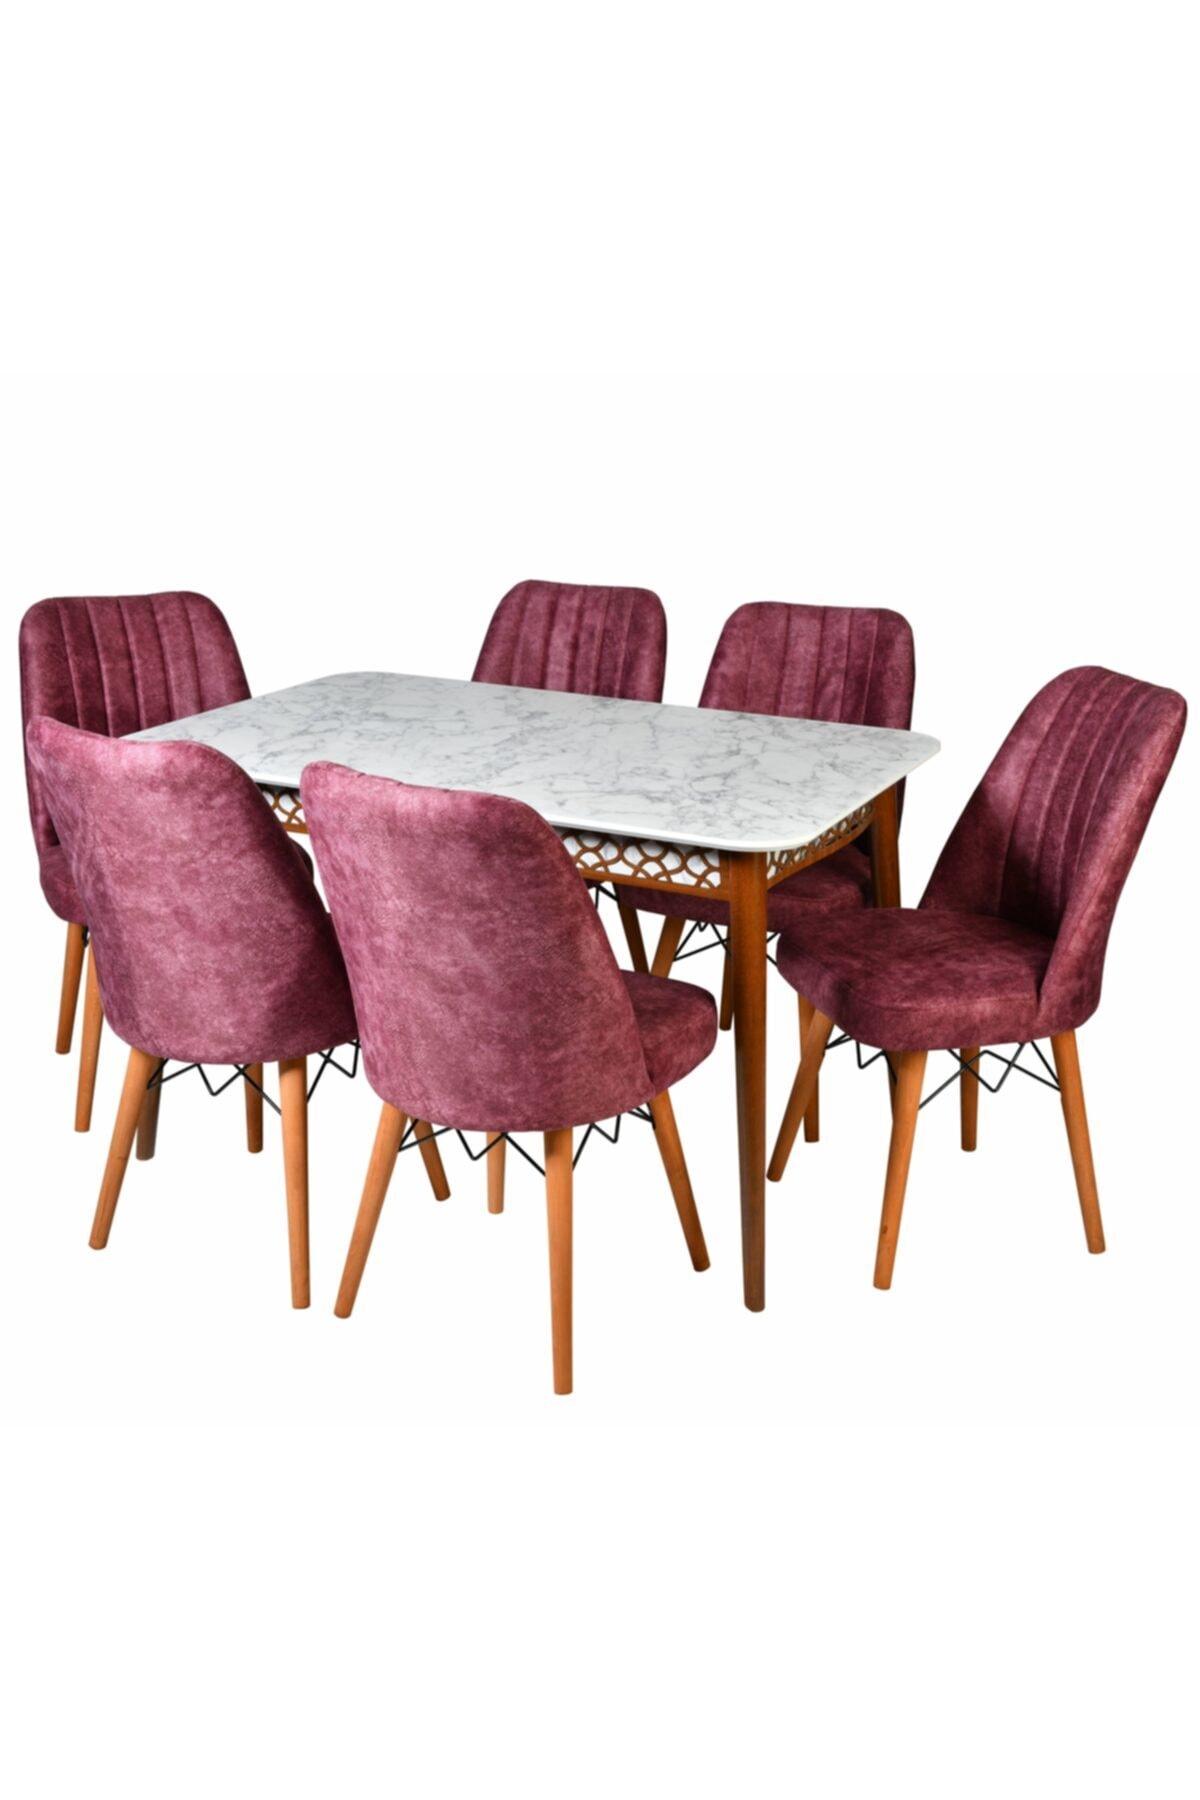 YZC Mutfak Masa Sandalye Takımı, 6 Adet Gül Kurusu Sandalyeli Beyaz Mermer Lazerli Masa 1